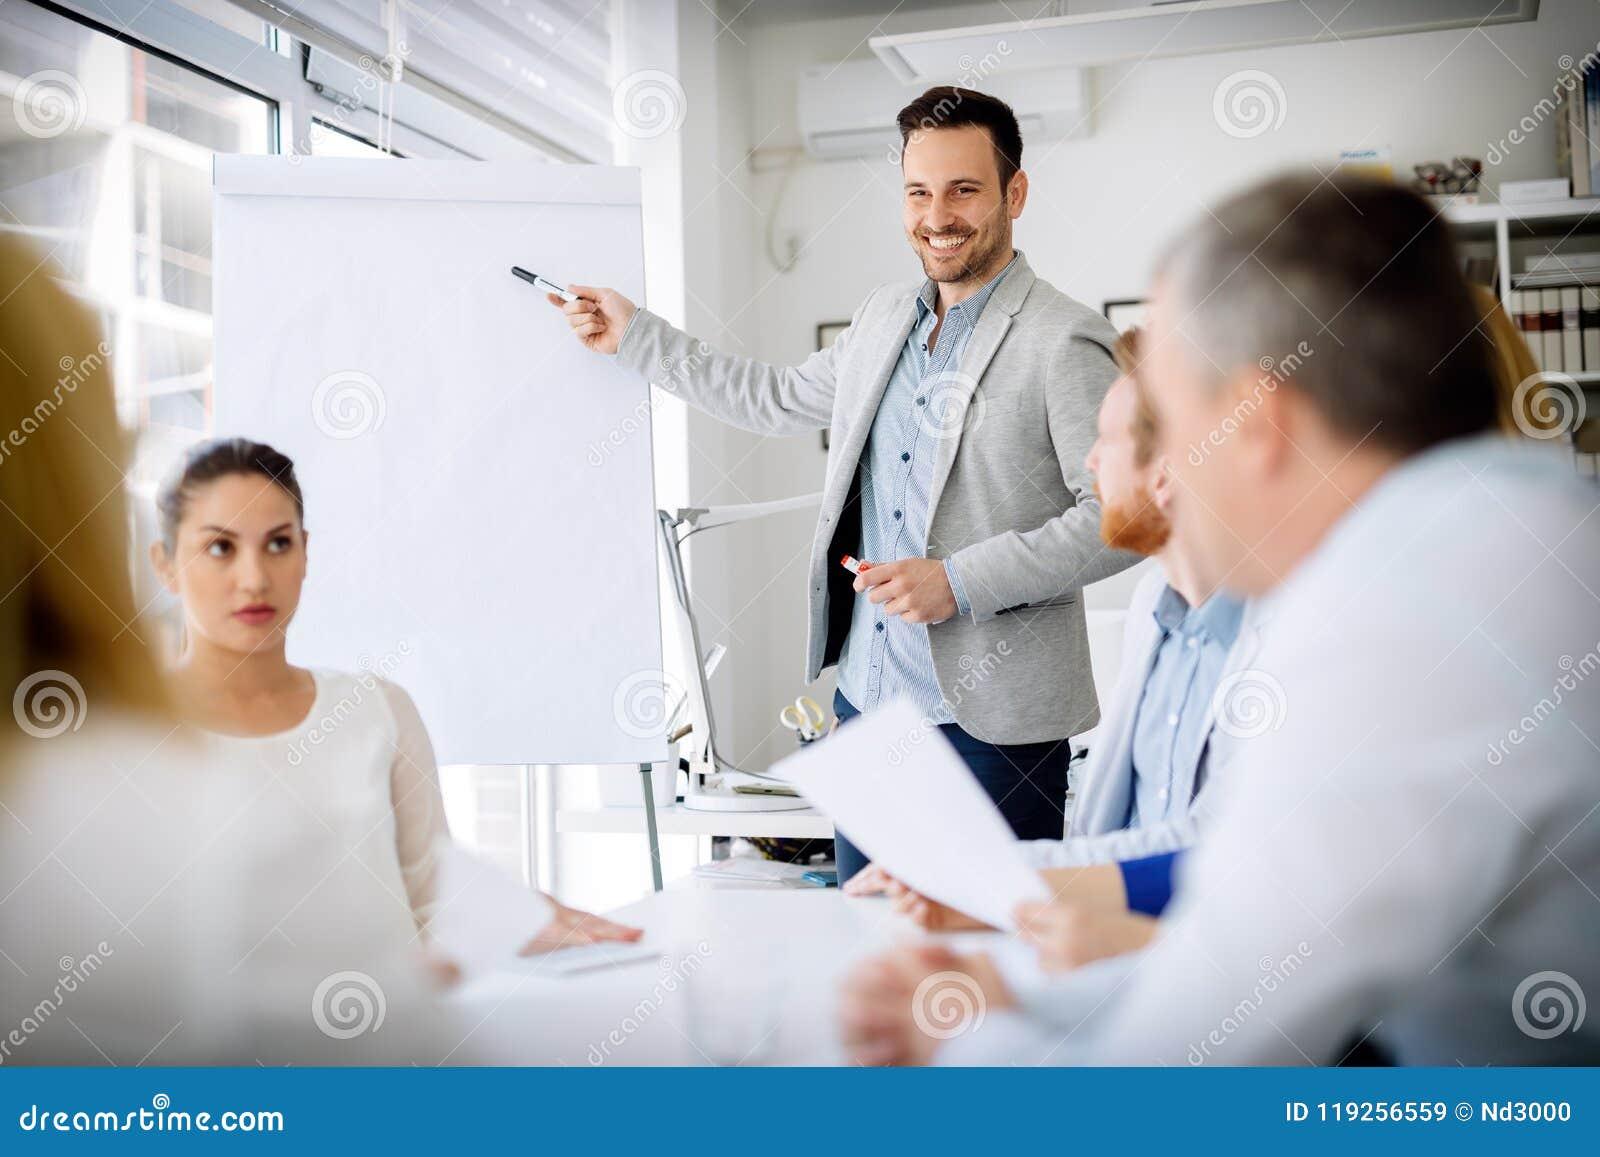 Presentation och samarbete av affärsfolk